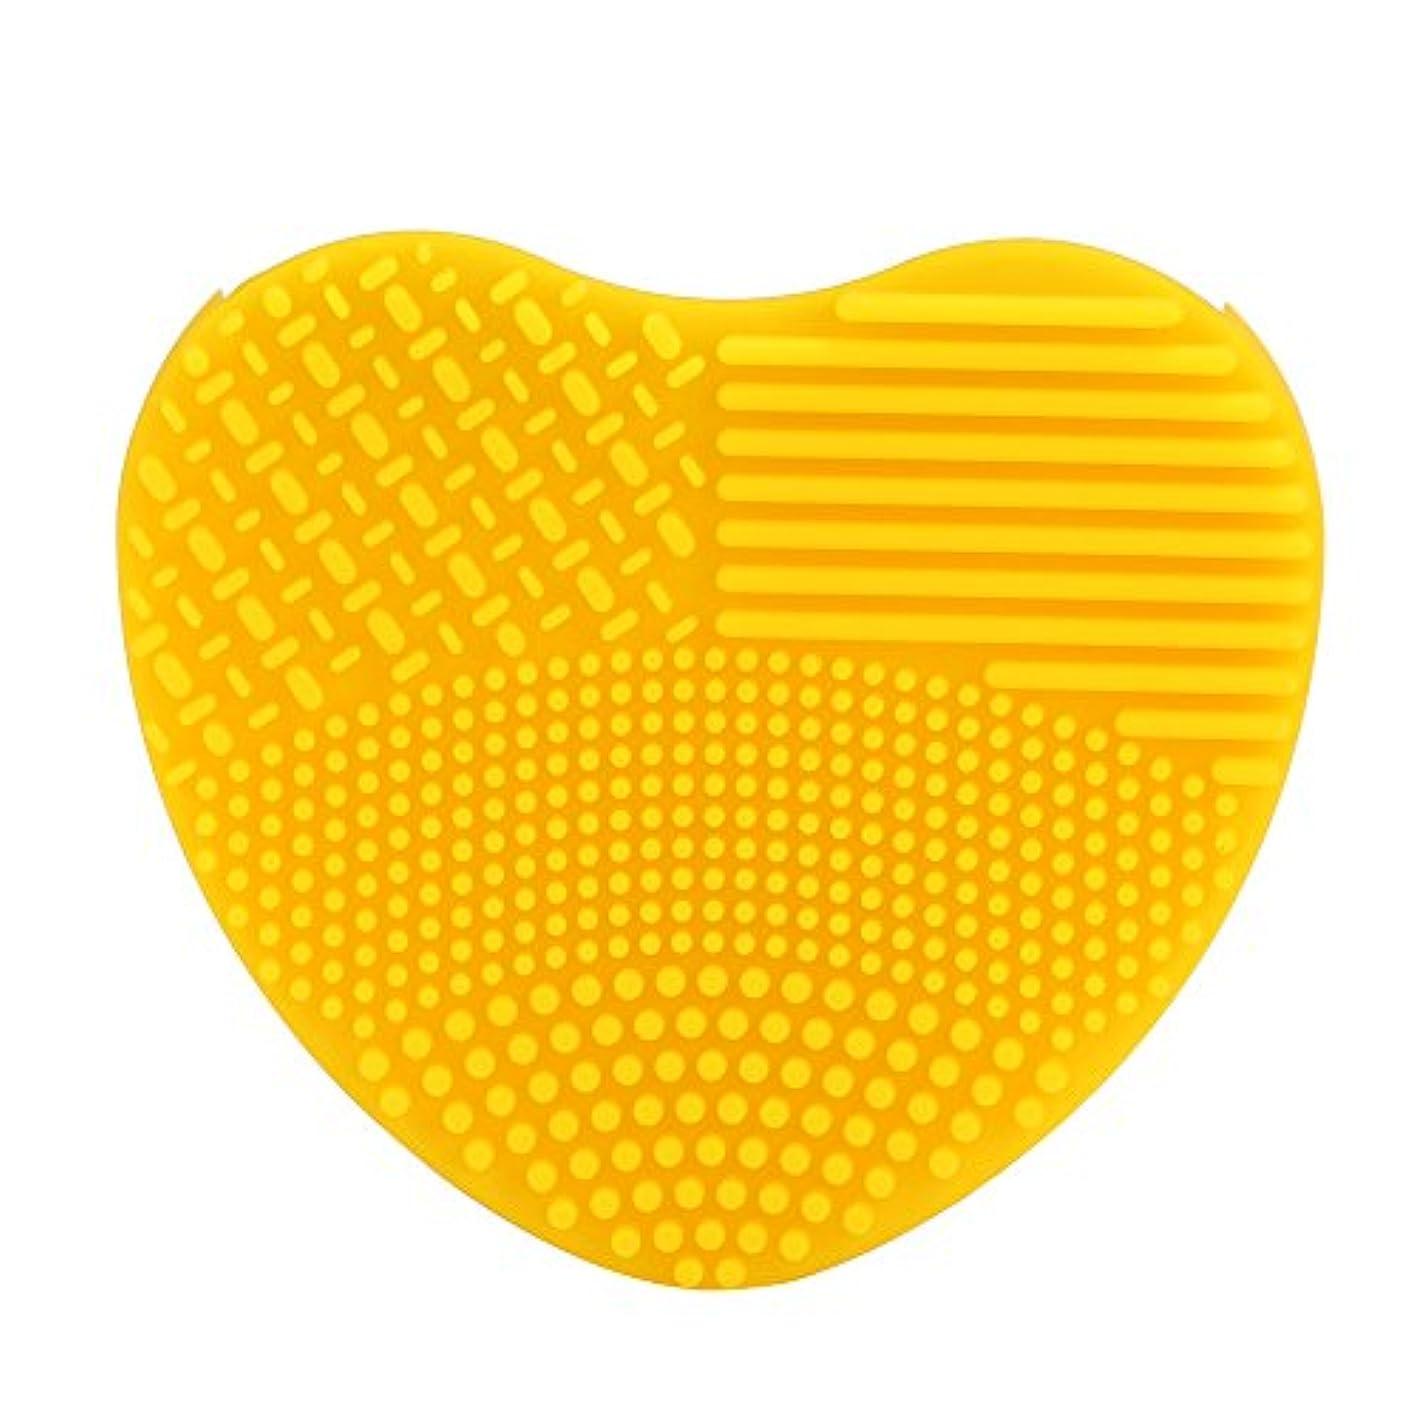 カウボーイ運動する締め切りシリコーン YOKINO 洗濯板 ポータブル メイクブラシクリーナー 旅行 や 外泊 の 必需品 化粧ブラシクリーナー 洗浄ブラシ 清掃ブラシ (G)